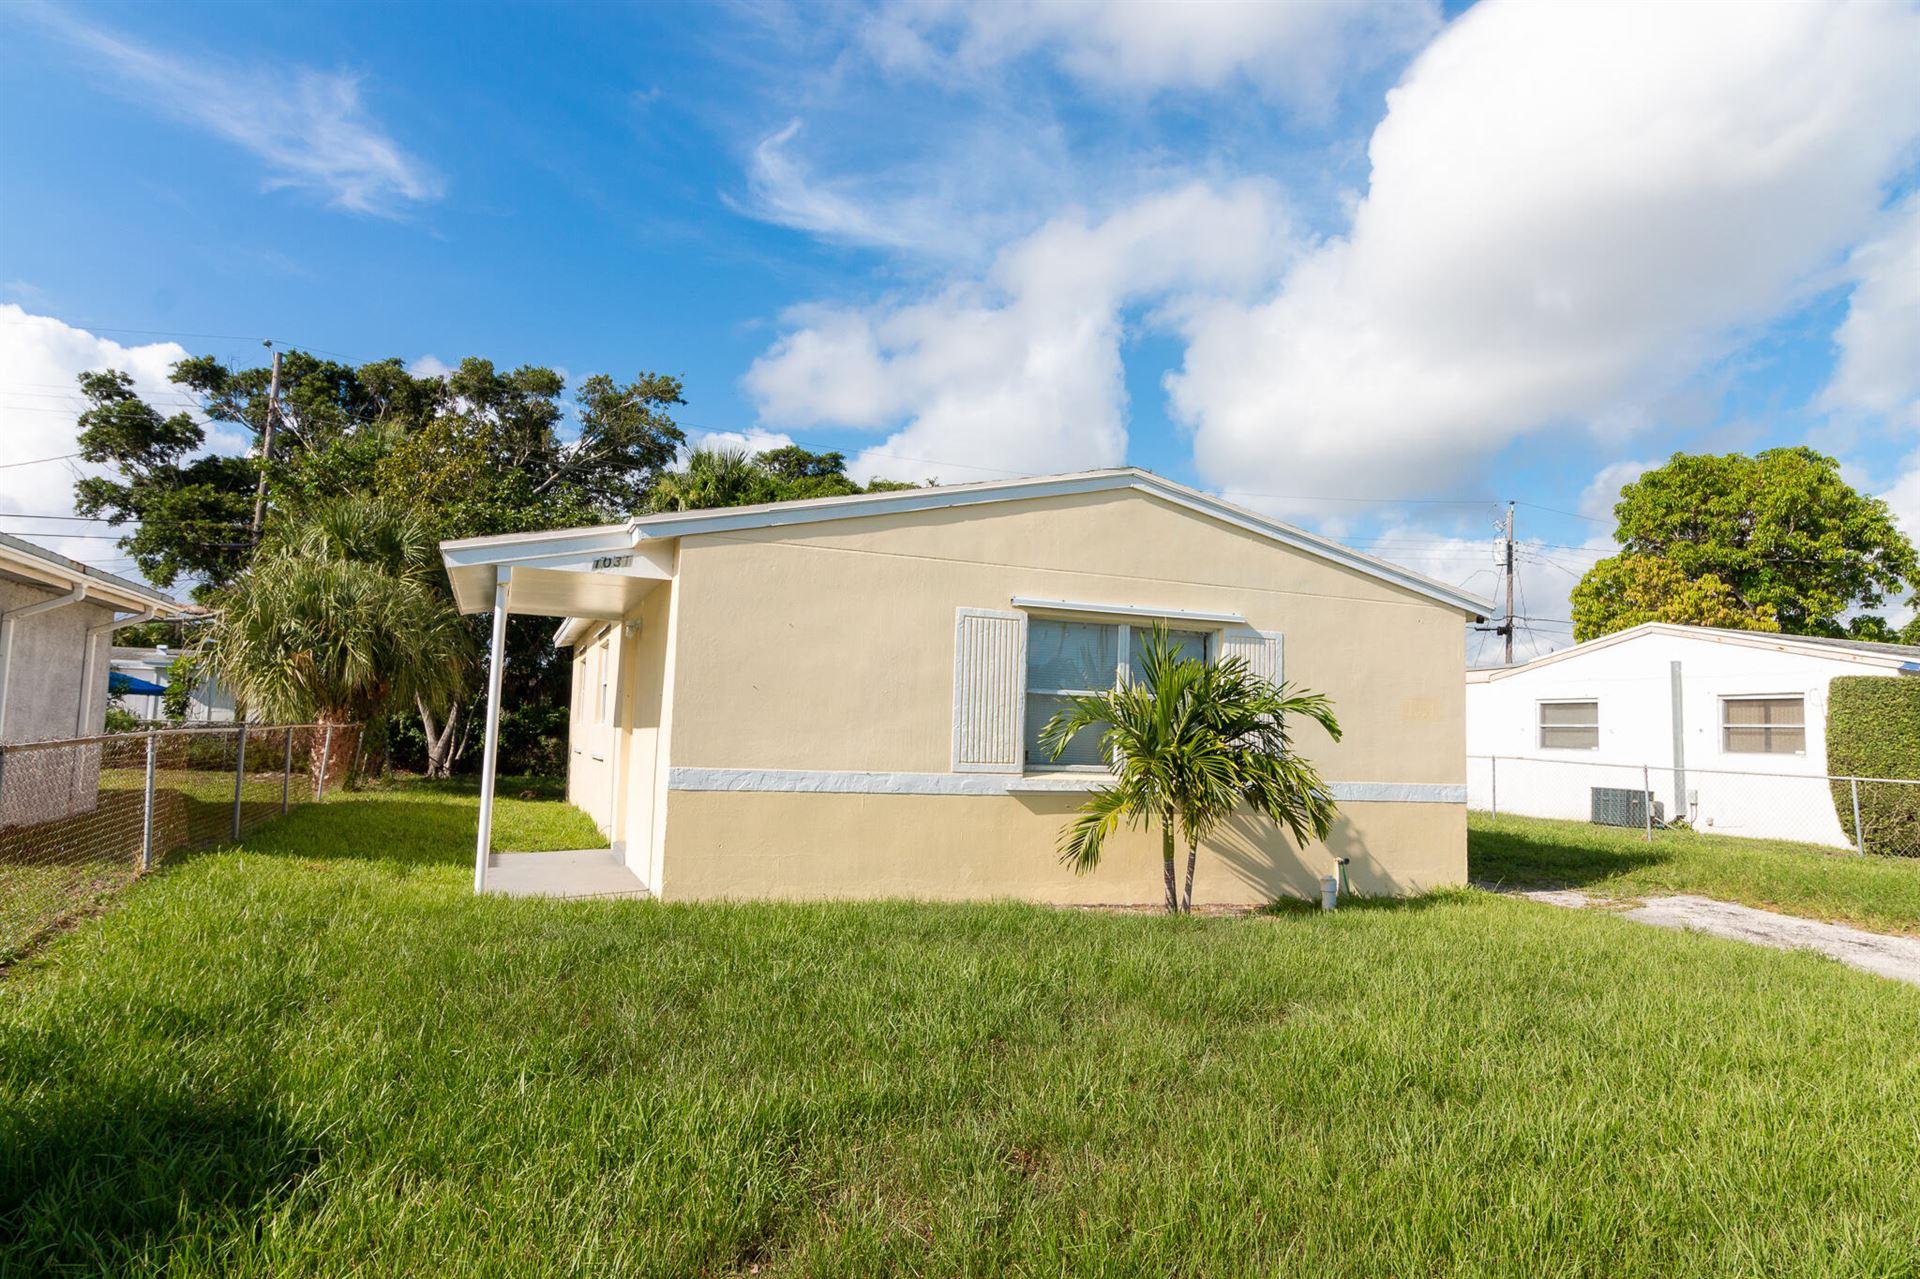 Photo of 1031 W 3rd Street, Riviera Beach, FL 33404 (MLS # RX-10729272)